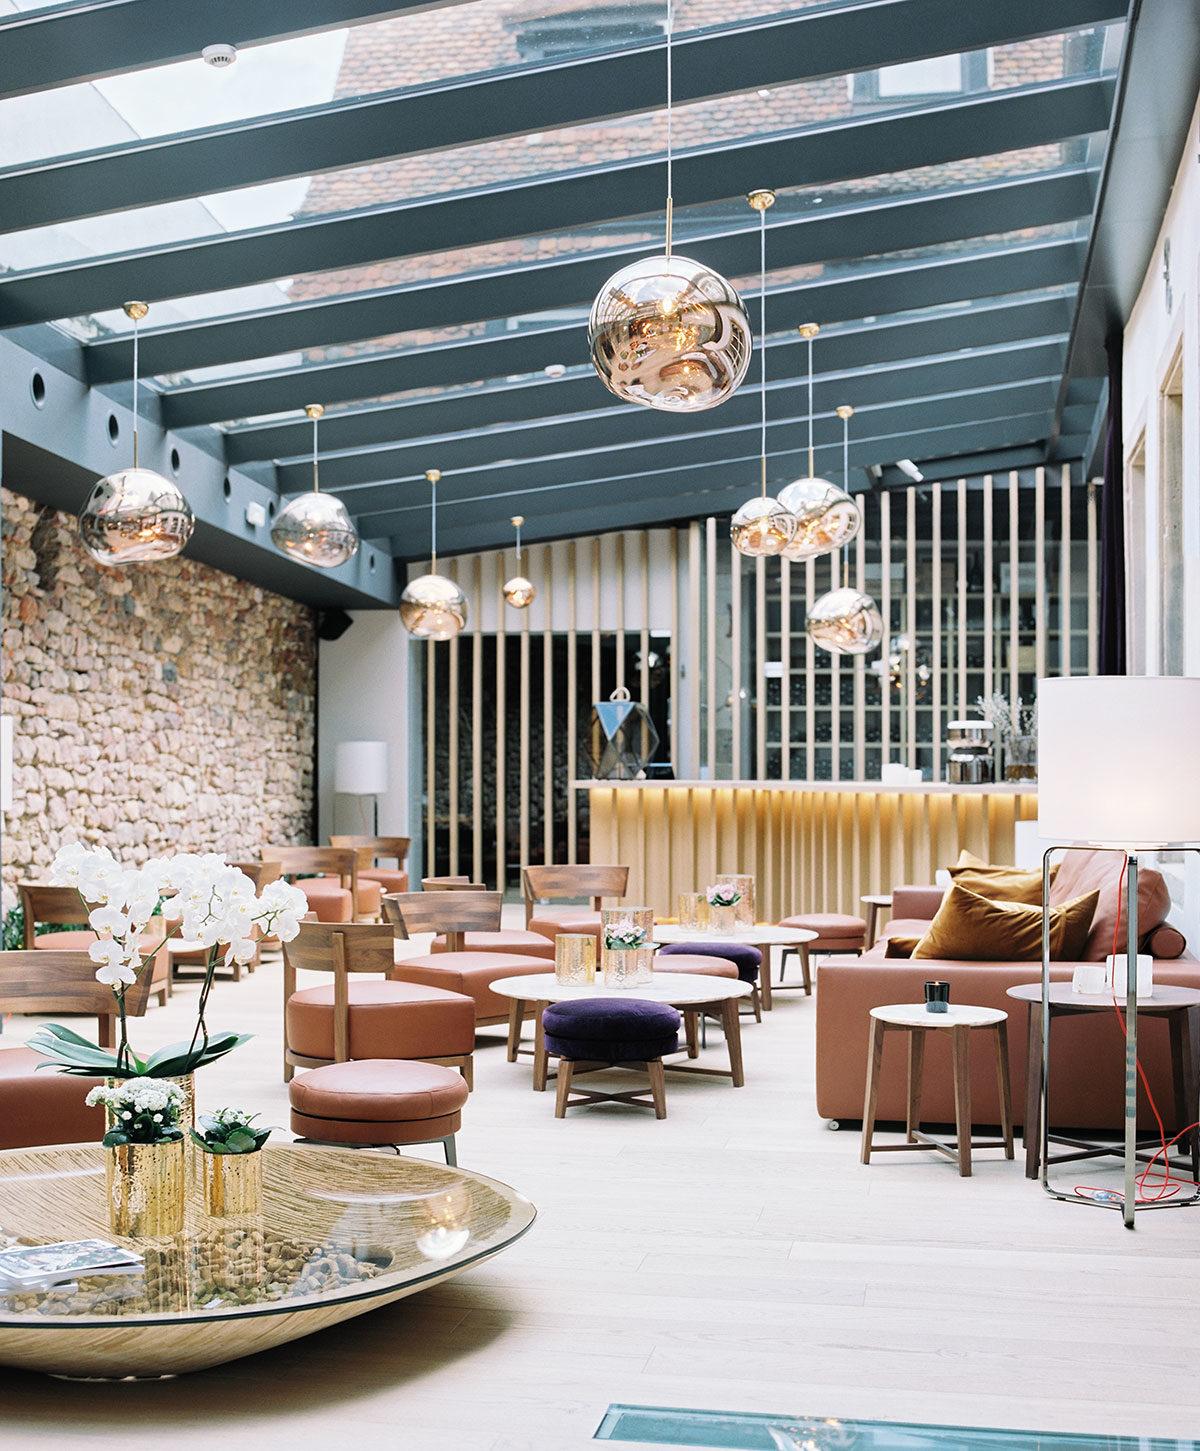 ZUT - Hotel des 5 terres à Barr - Photo : Christophe Urbain